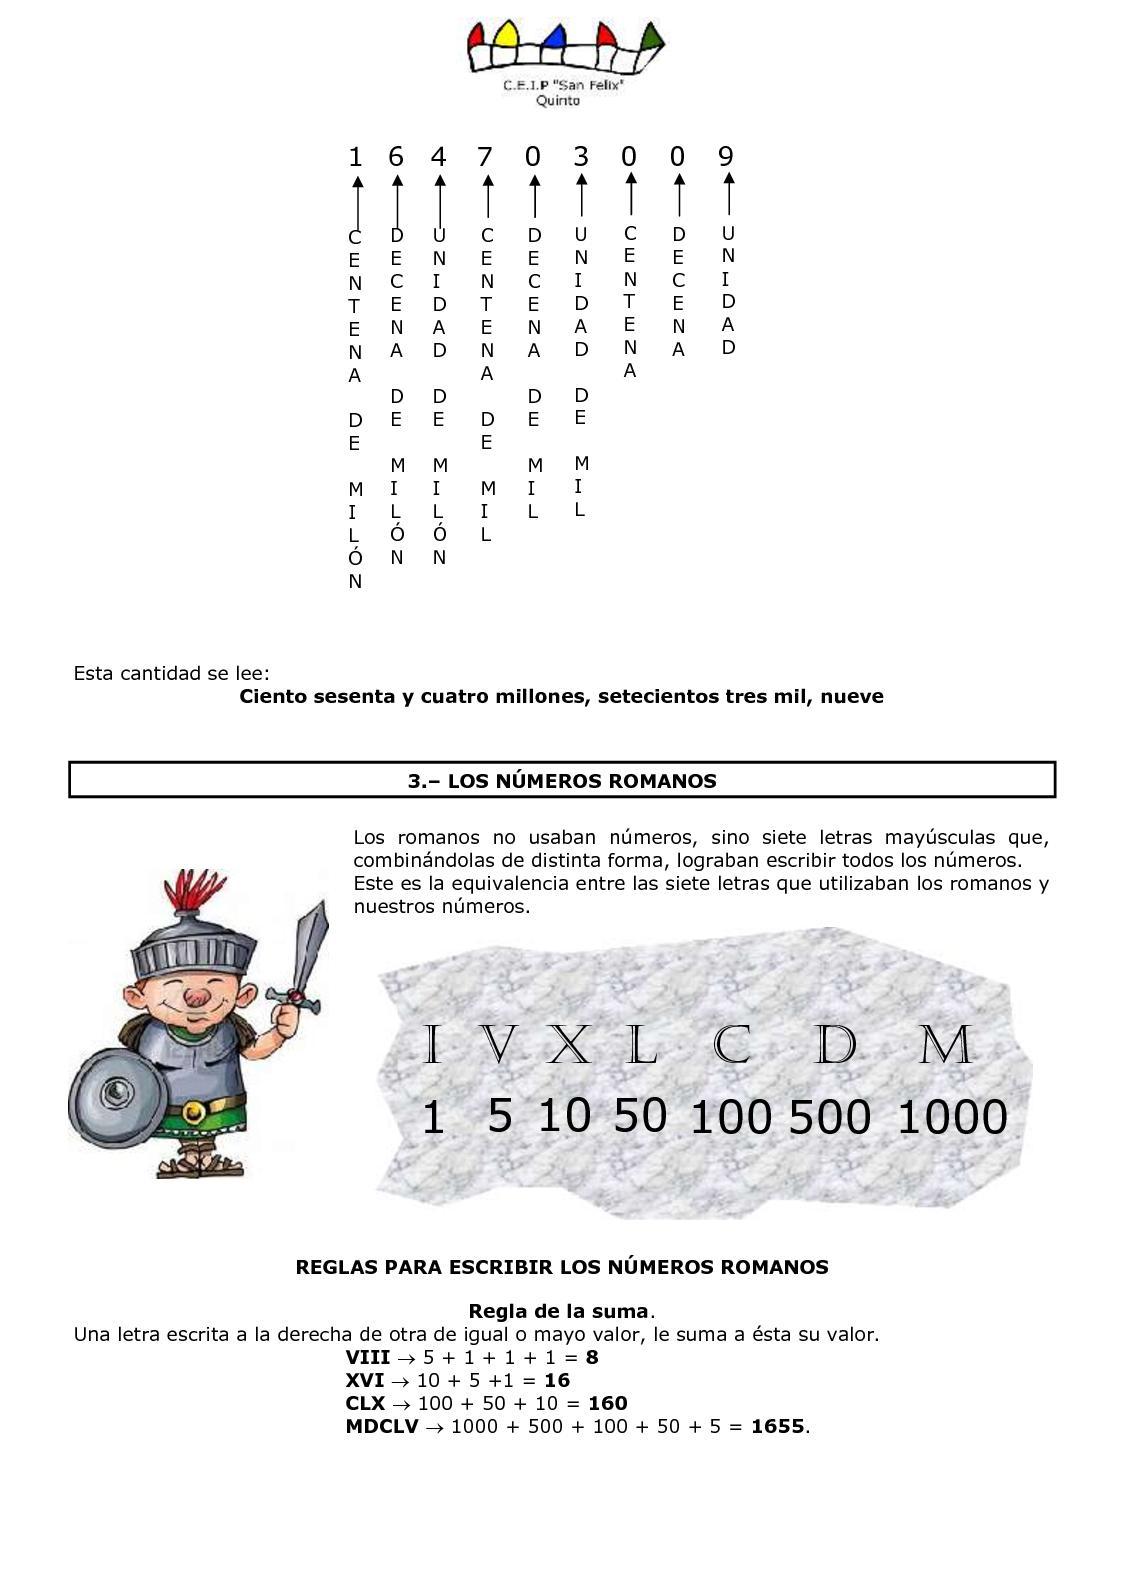 Como Se Escribe 91 En Numeros Romanos matemÁticas-primaria - calameo downloader